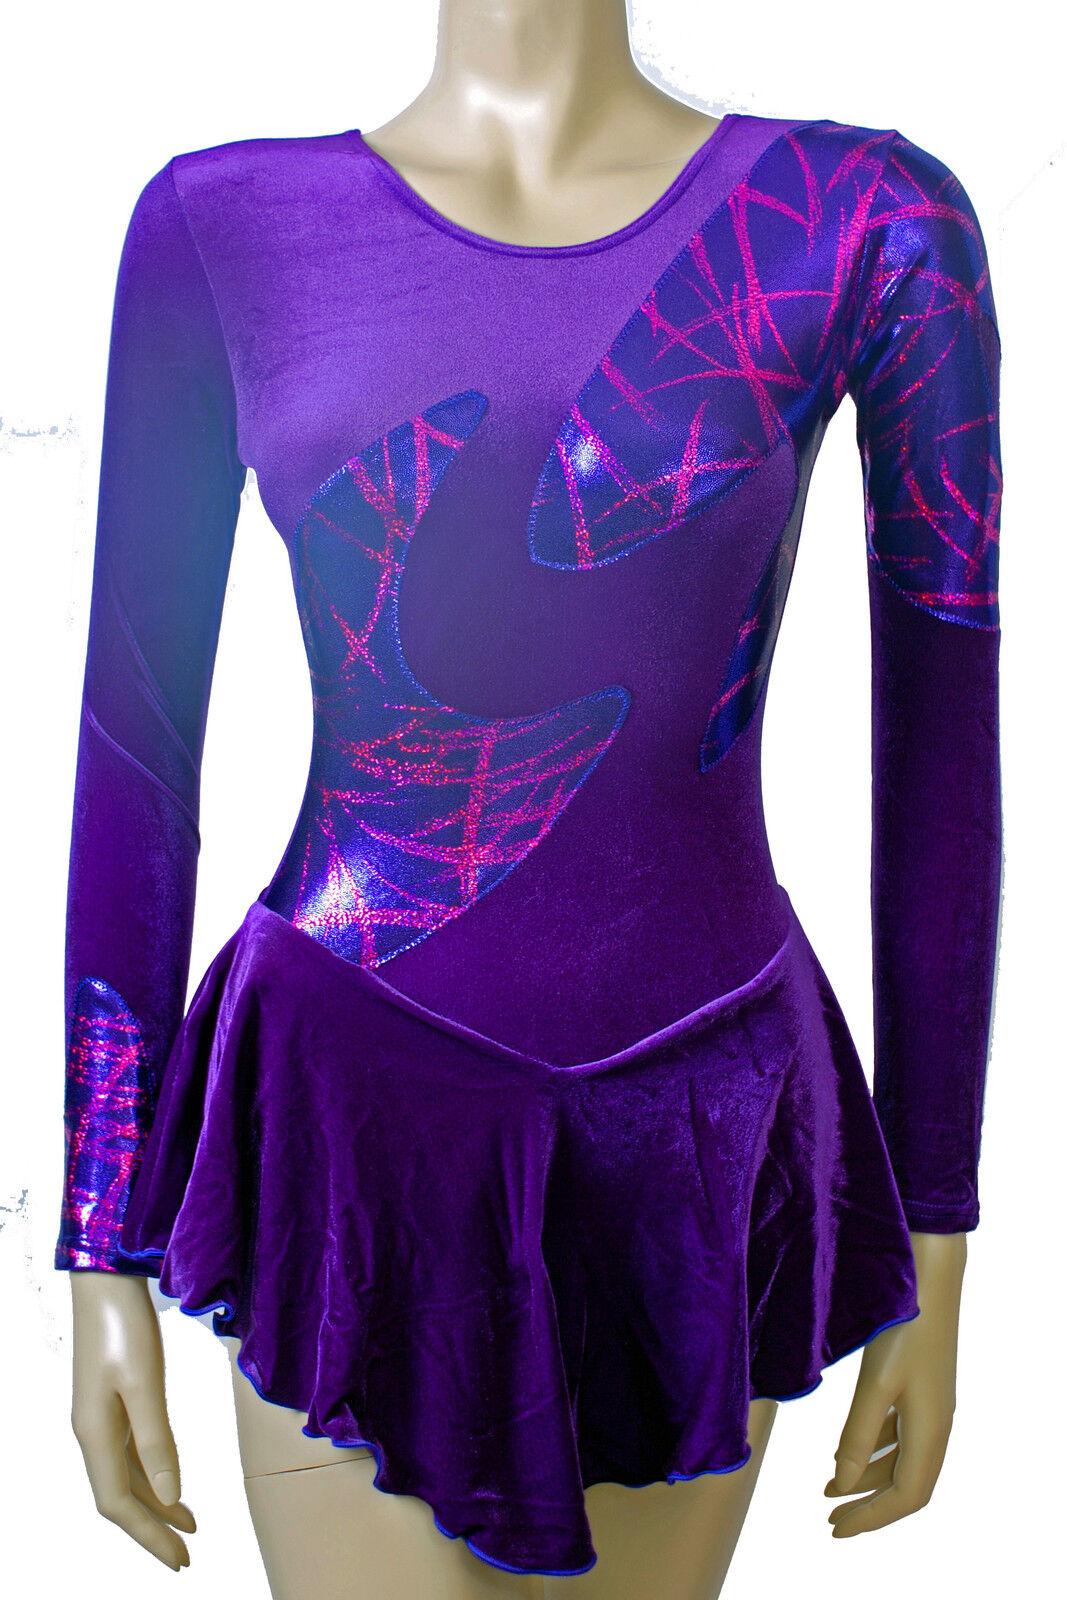 Skating Kleid purple Samt   purple Kirsch Sam metallisch alle Größen - integrieren